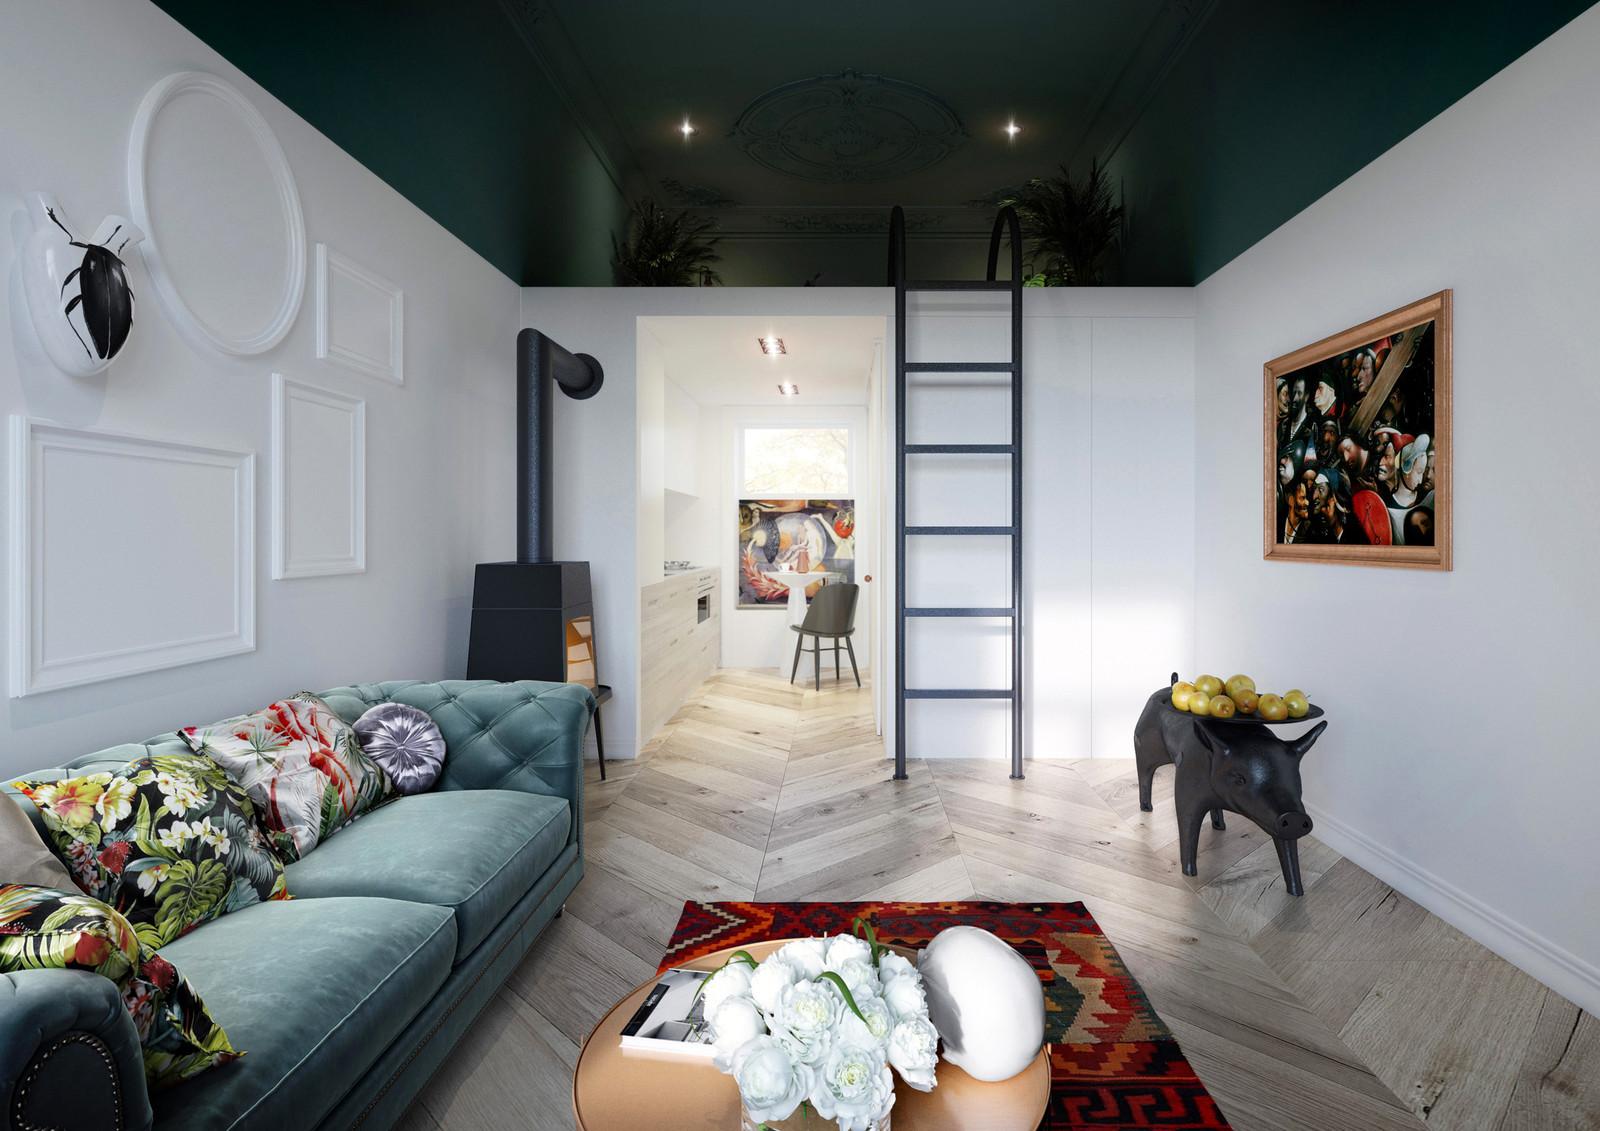 Интерьер квартиры площадью 30 квадратных метров в Польше